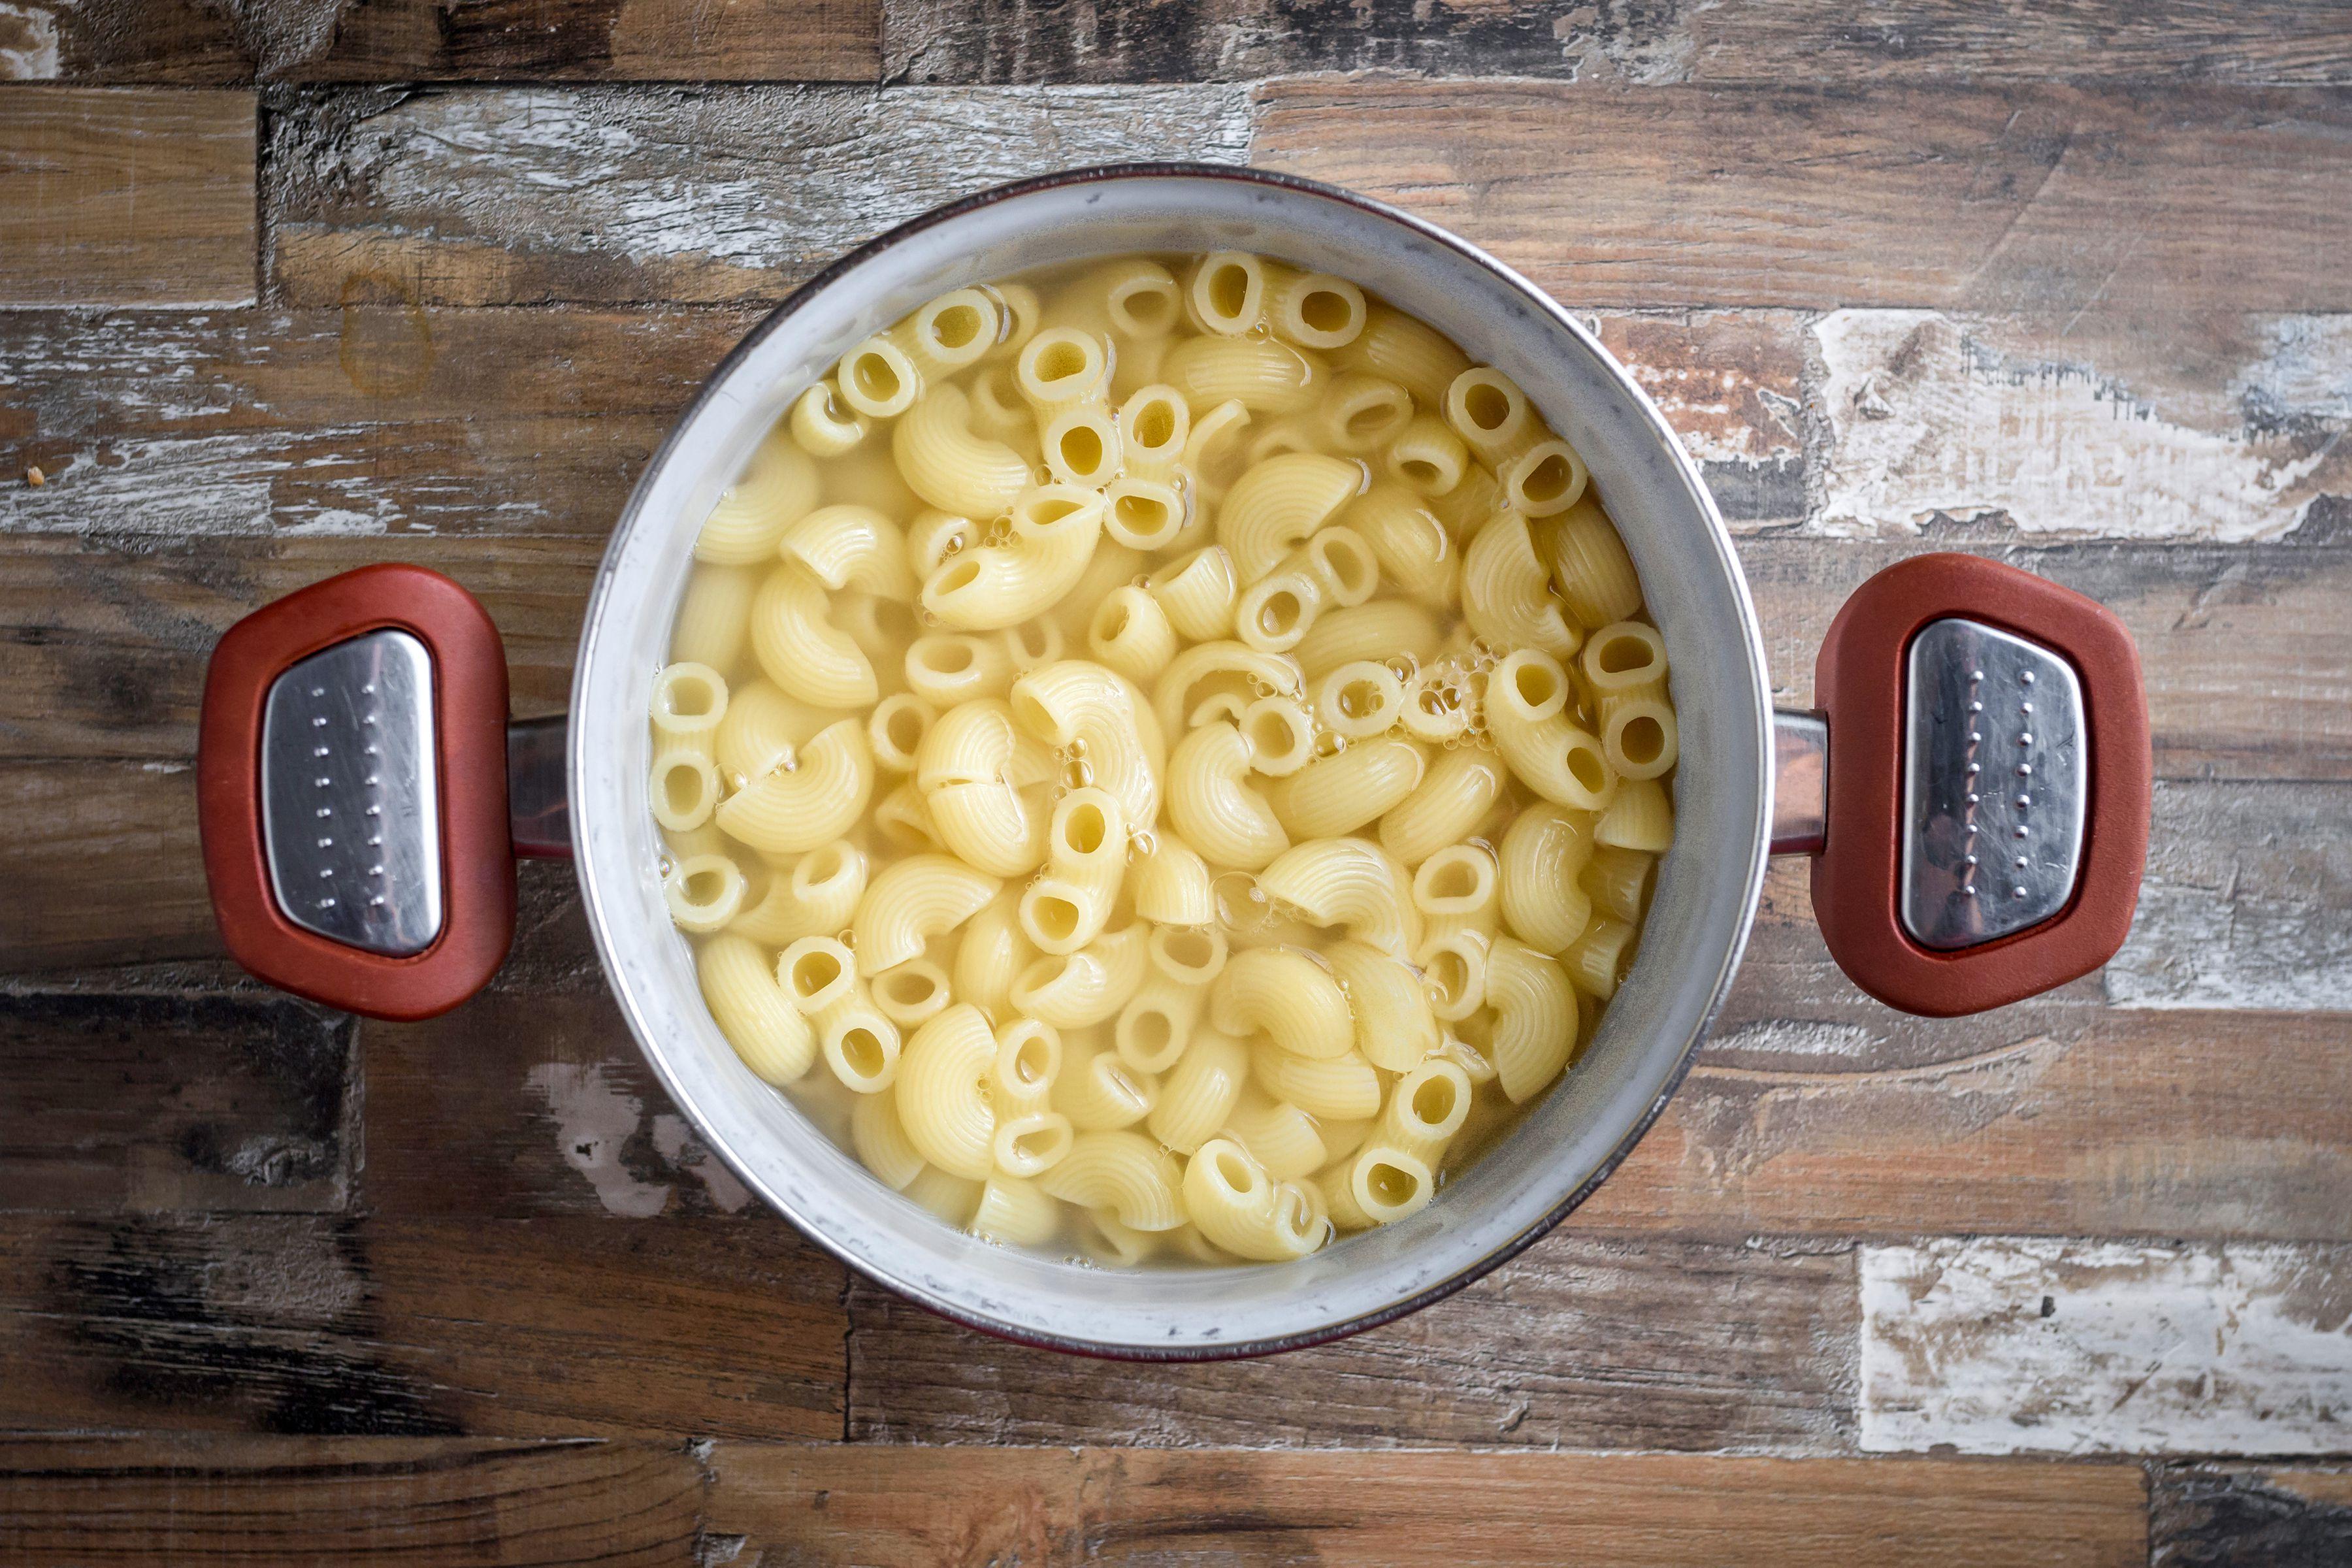 Cook macaroni